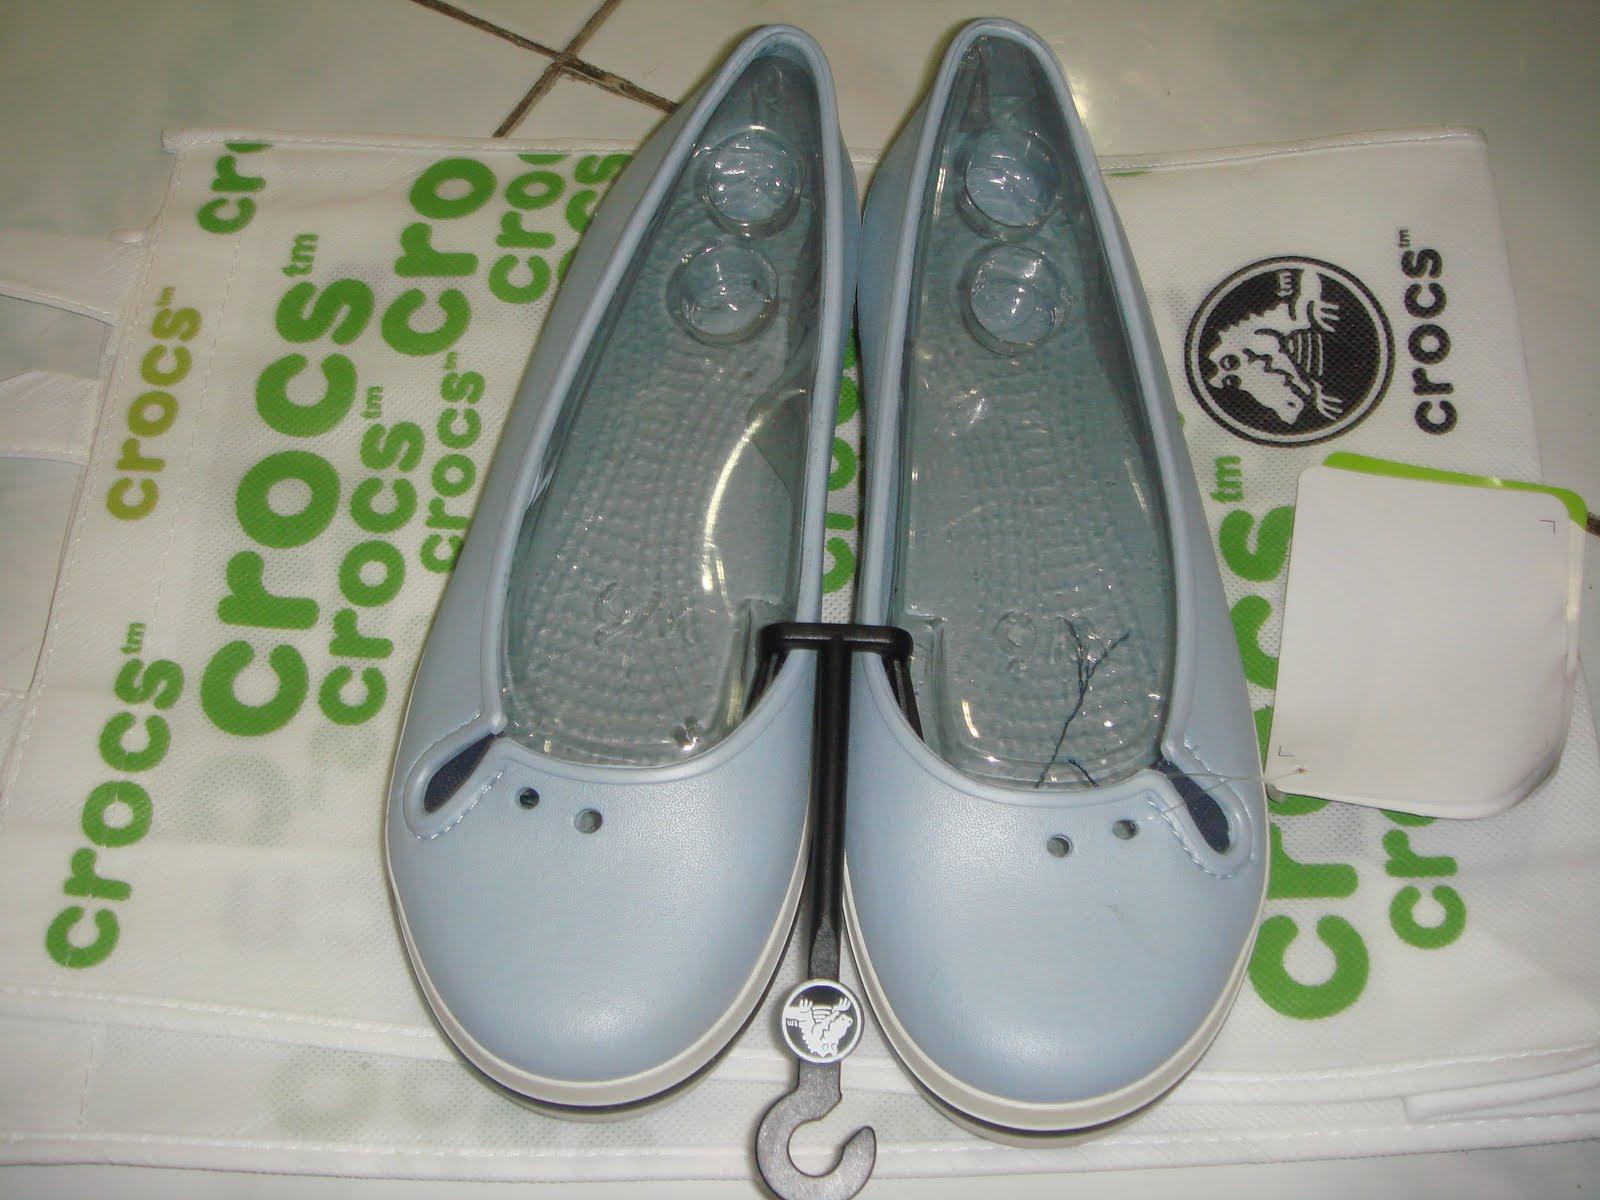 a06235dfea49ec Selling Crocs stuff n etc: CROCS CROCBAND FLAT SKY BLUE